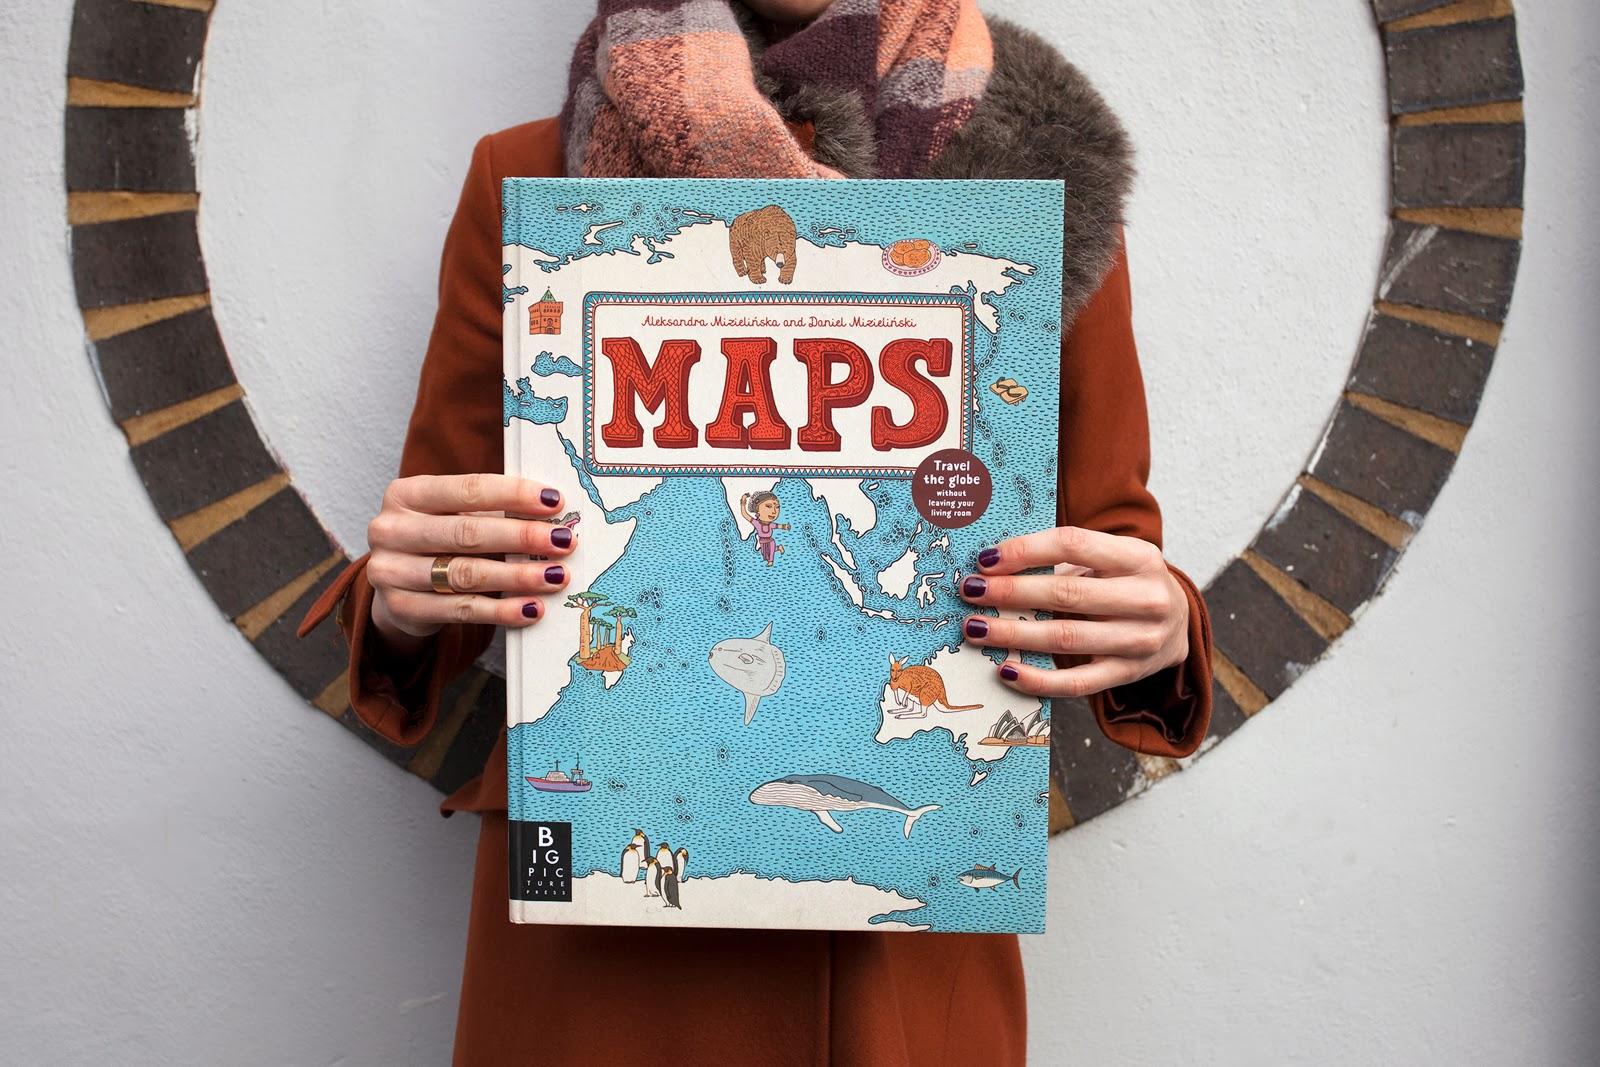 Portada del libro MAPS, Atlas ilustrado por Aleksandra Mizielinska y Daniel Mizielinski